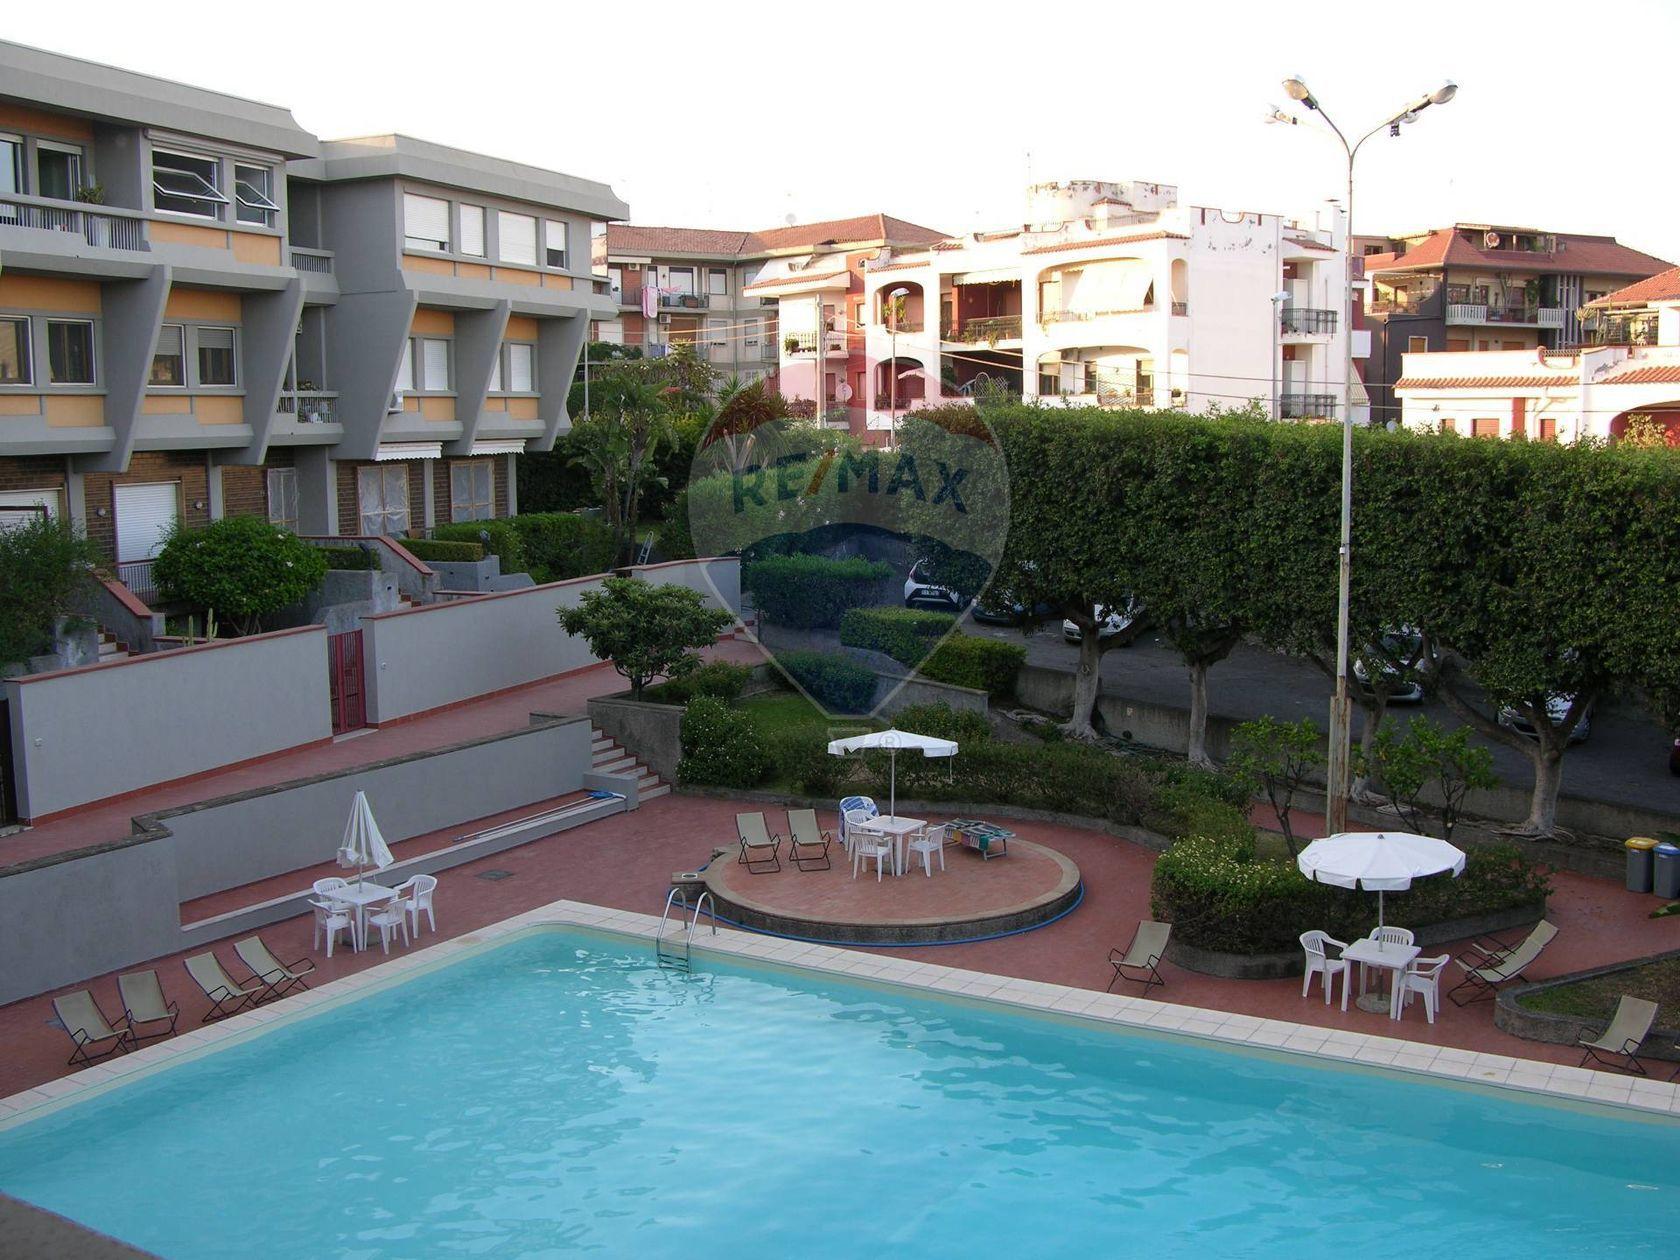 Appartamento Cannizzaro, Aci Castello, CT Vendita